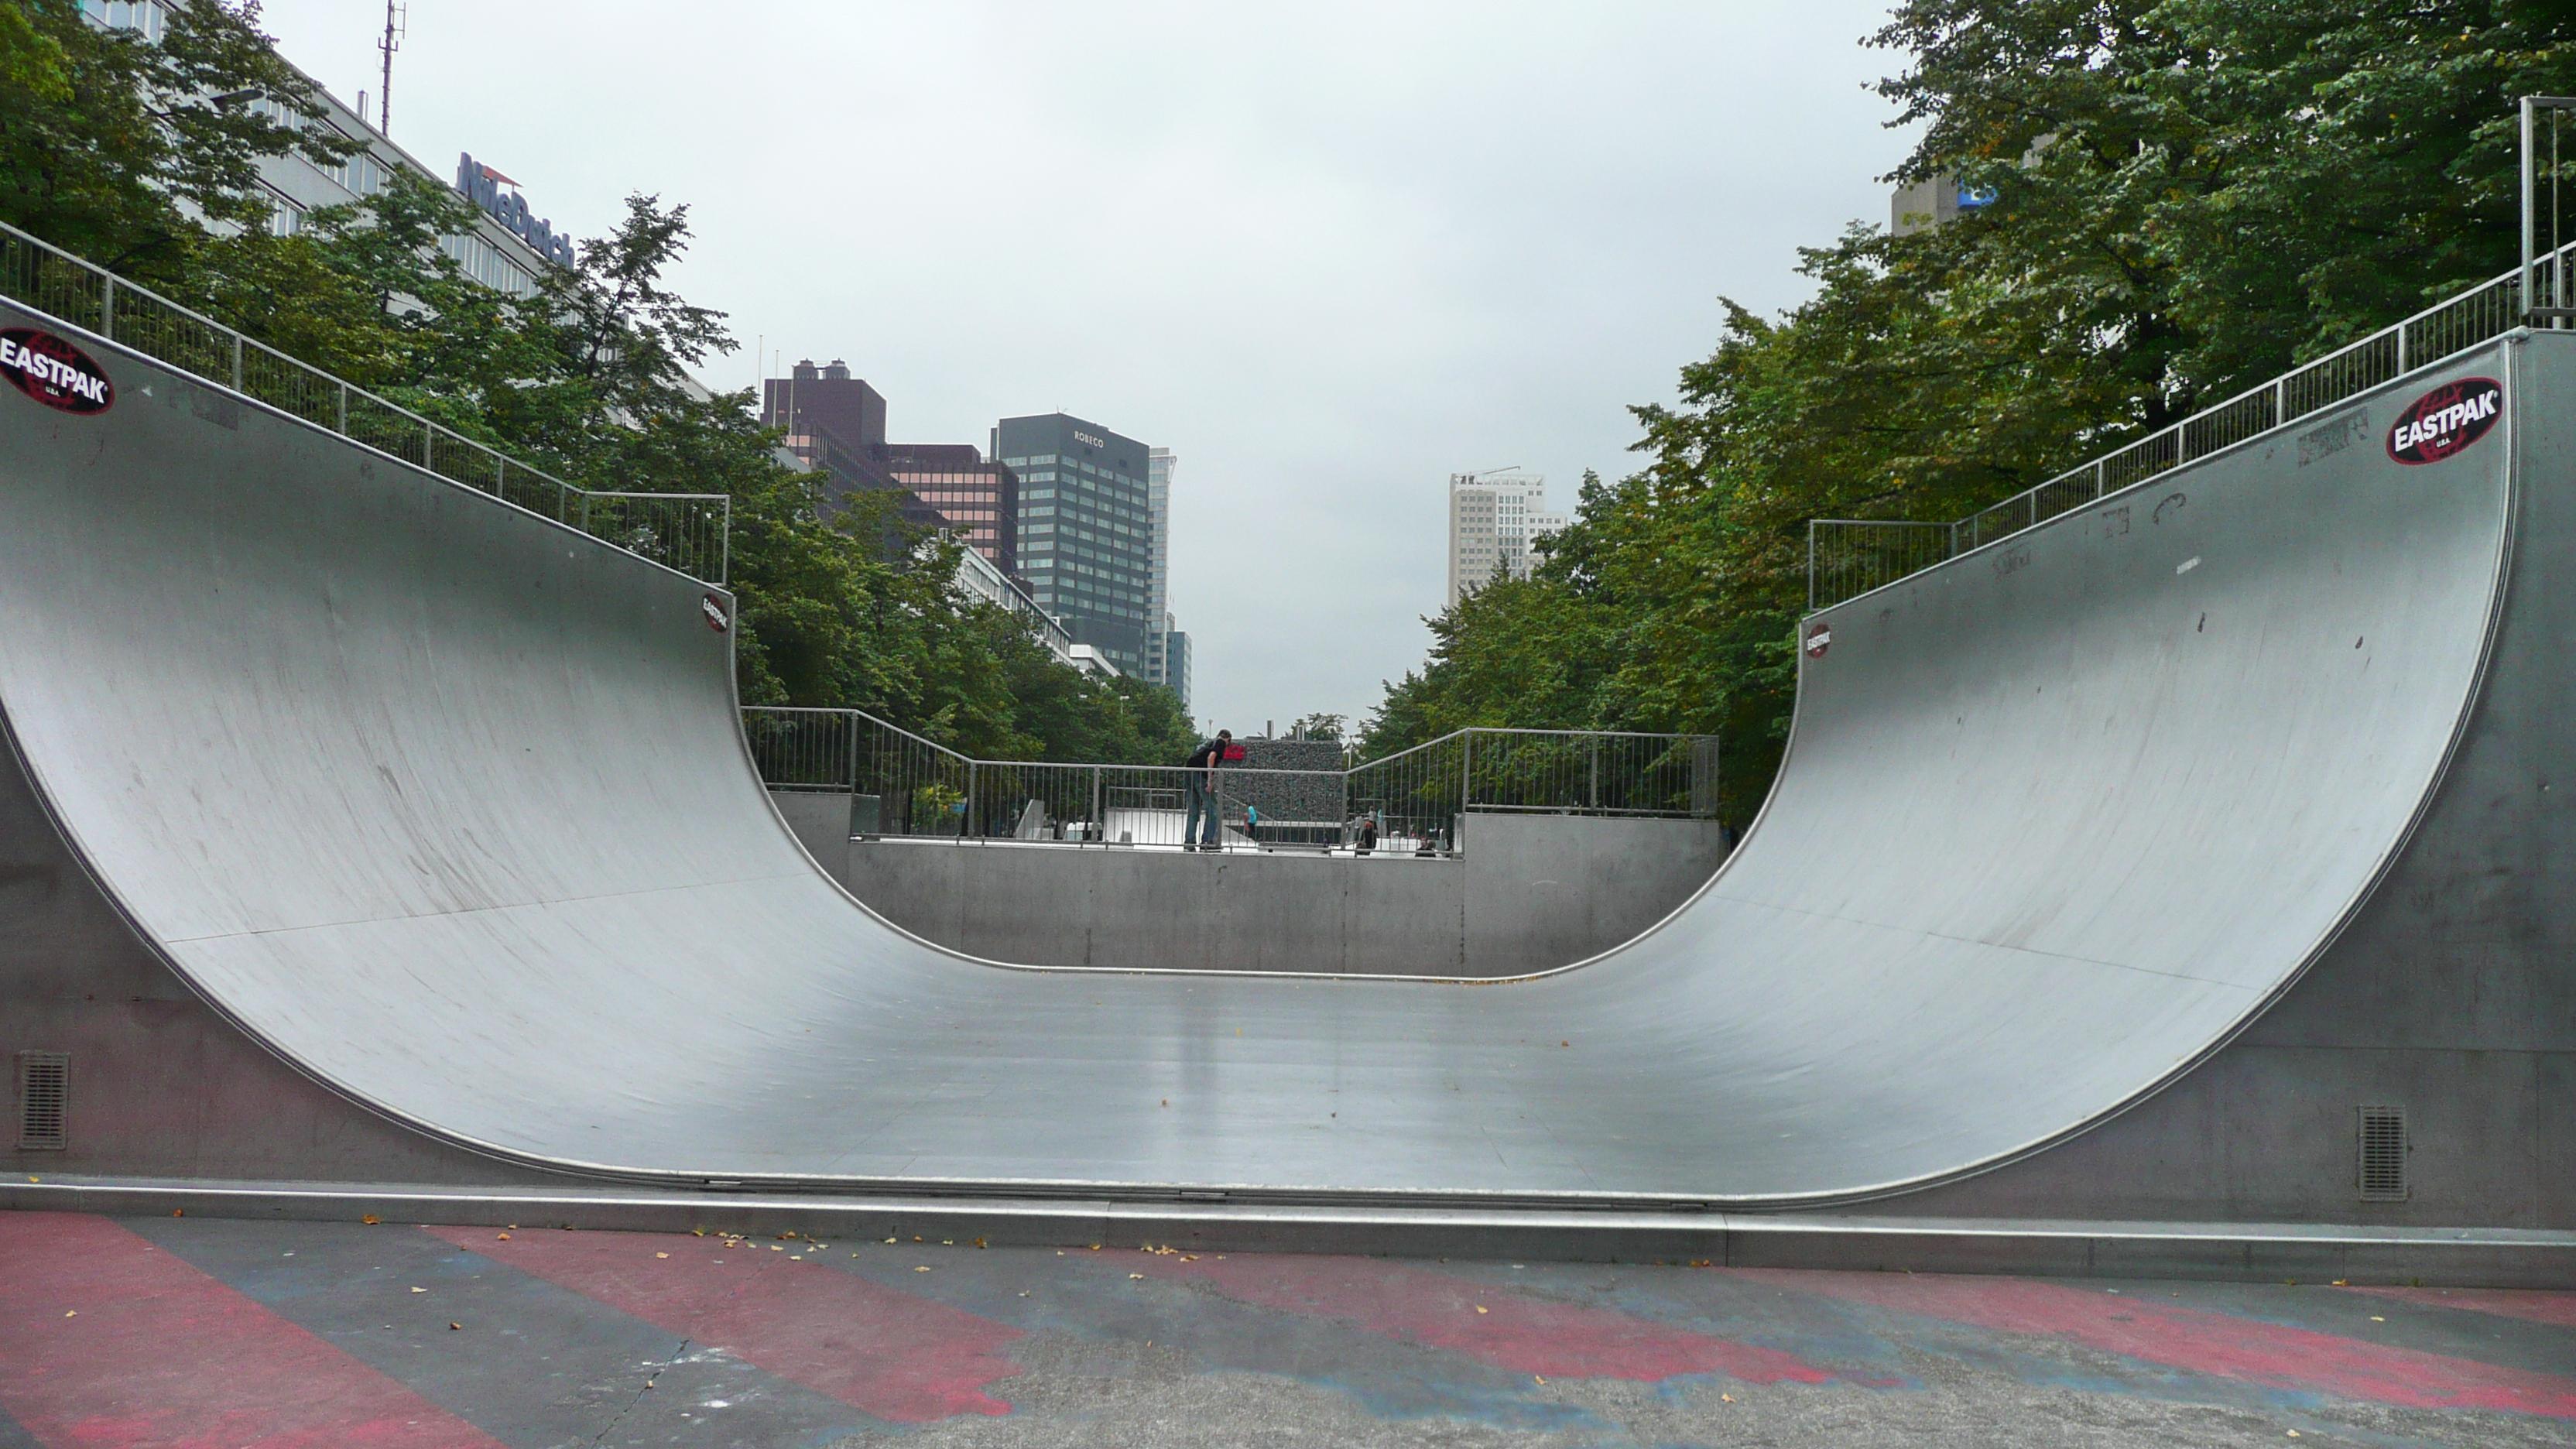 Foot Halfpipe Skateboard Ramp Plans